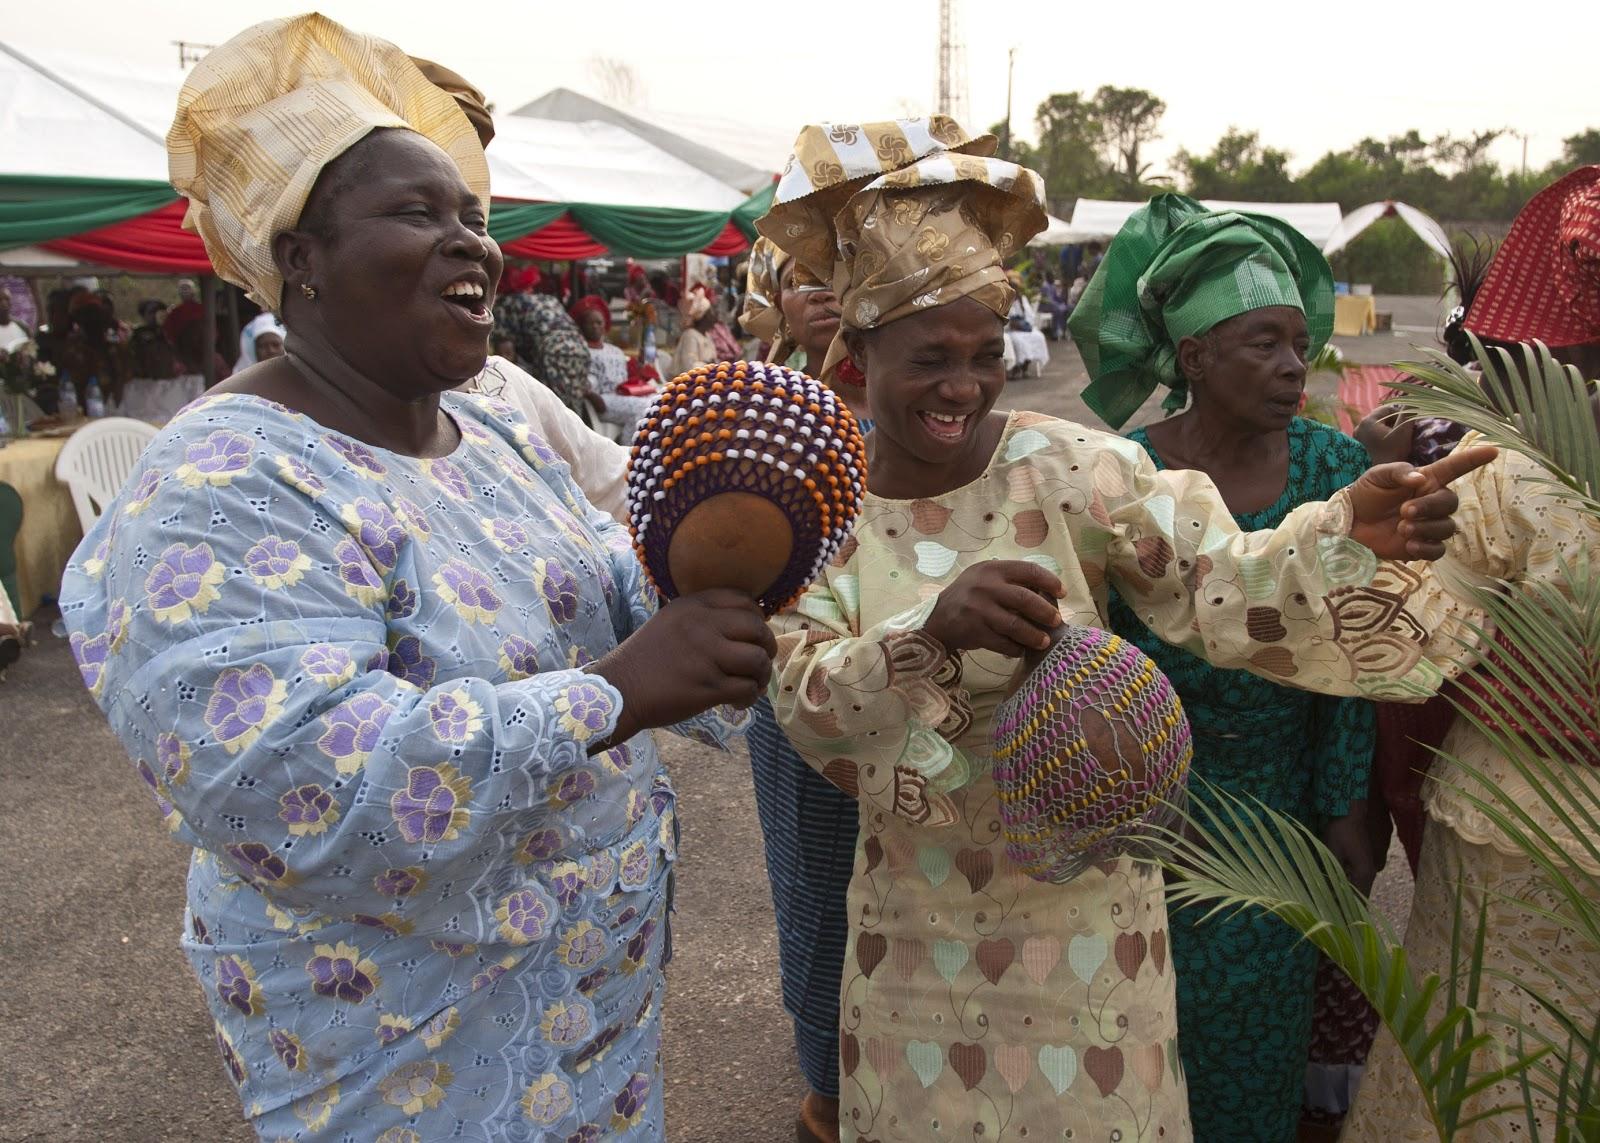 Традиции первой брачной ночи в африканских племенах - Об этом нужно знать